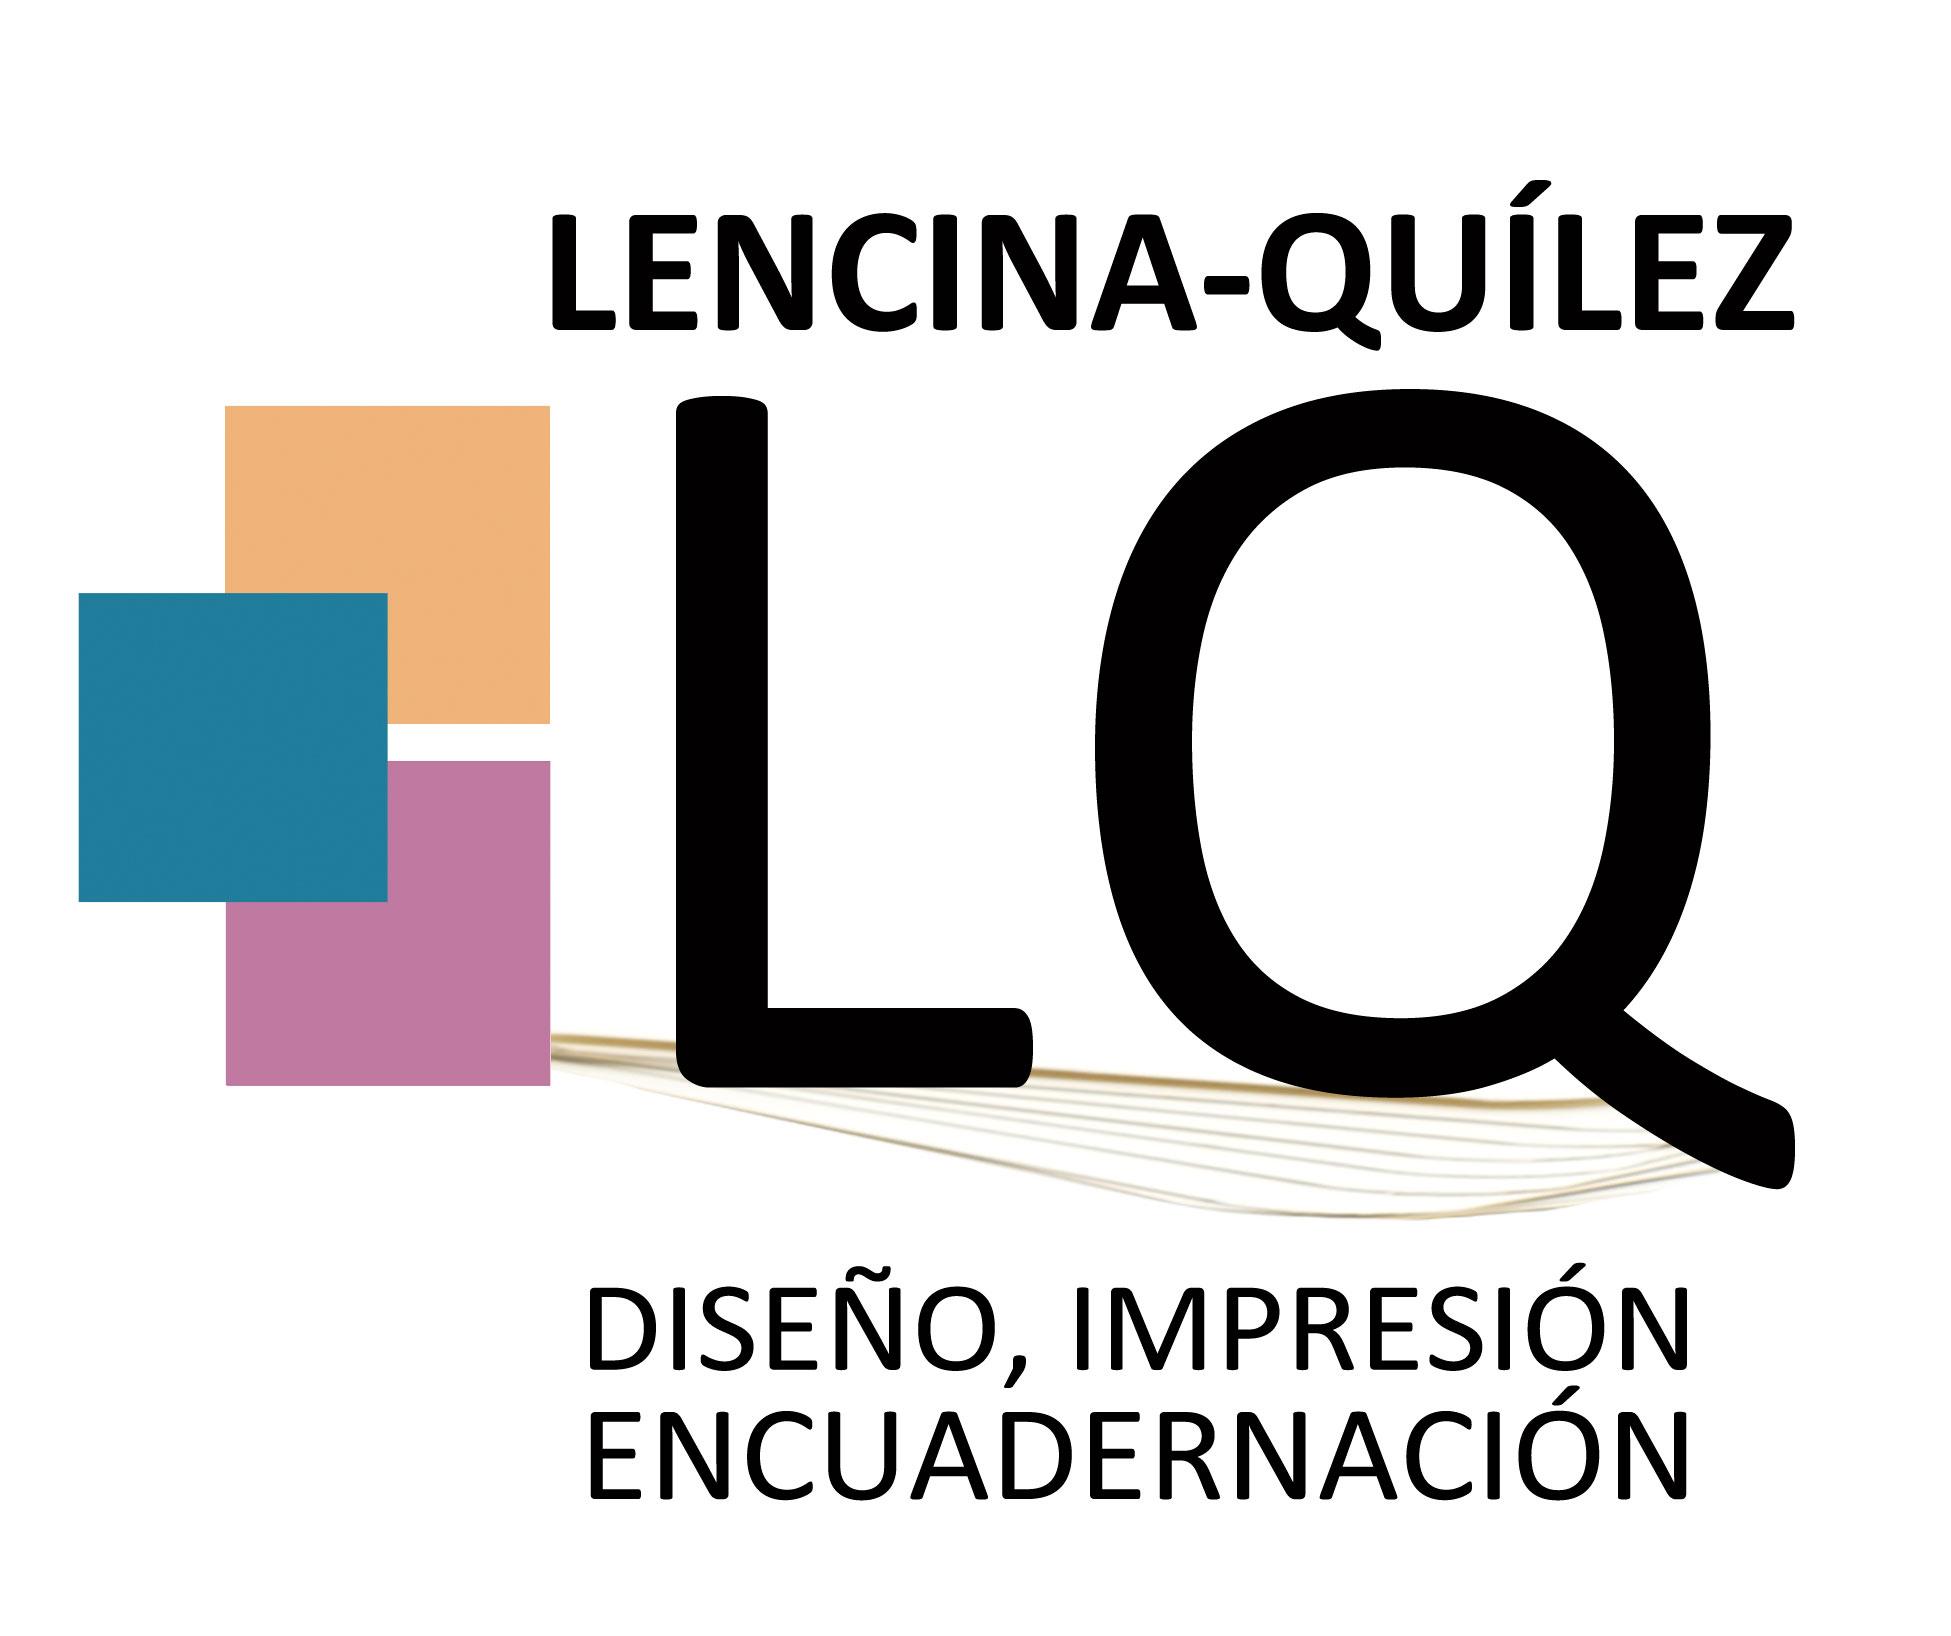 ogo-LQ-diseño-impresión-encuadernación